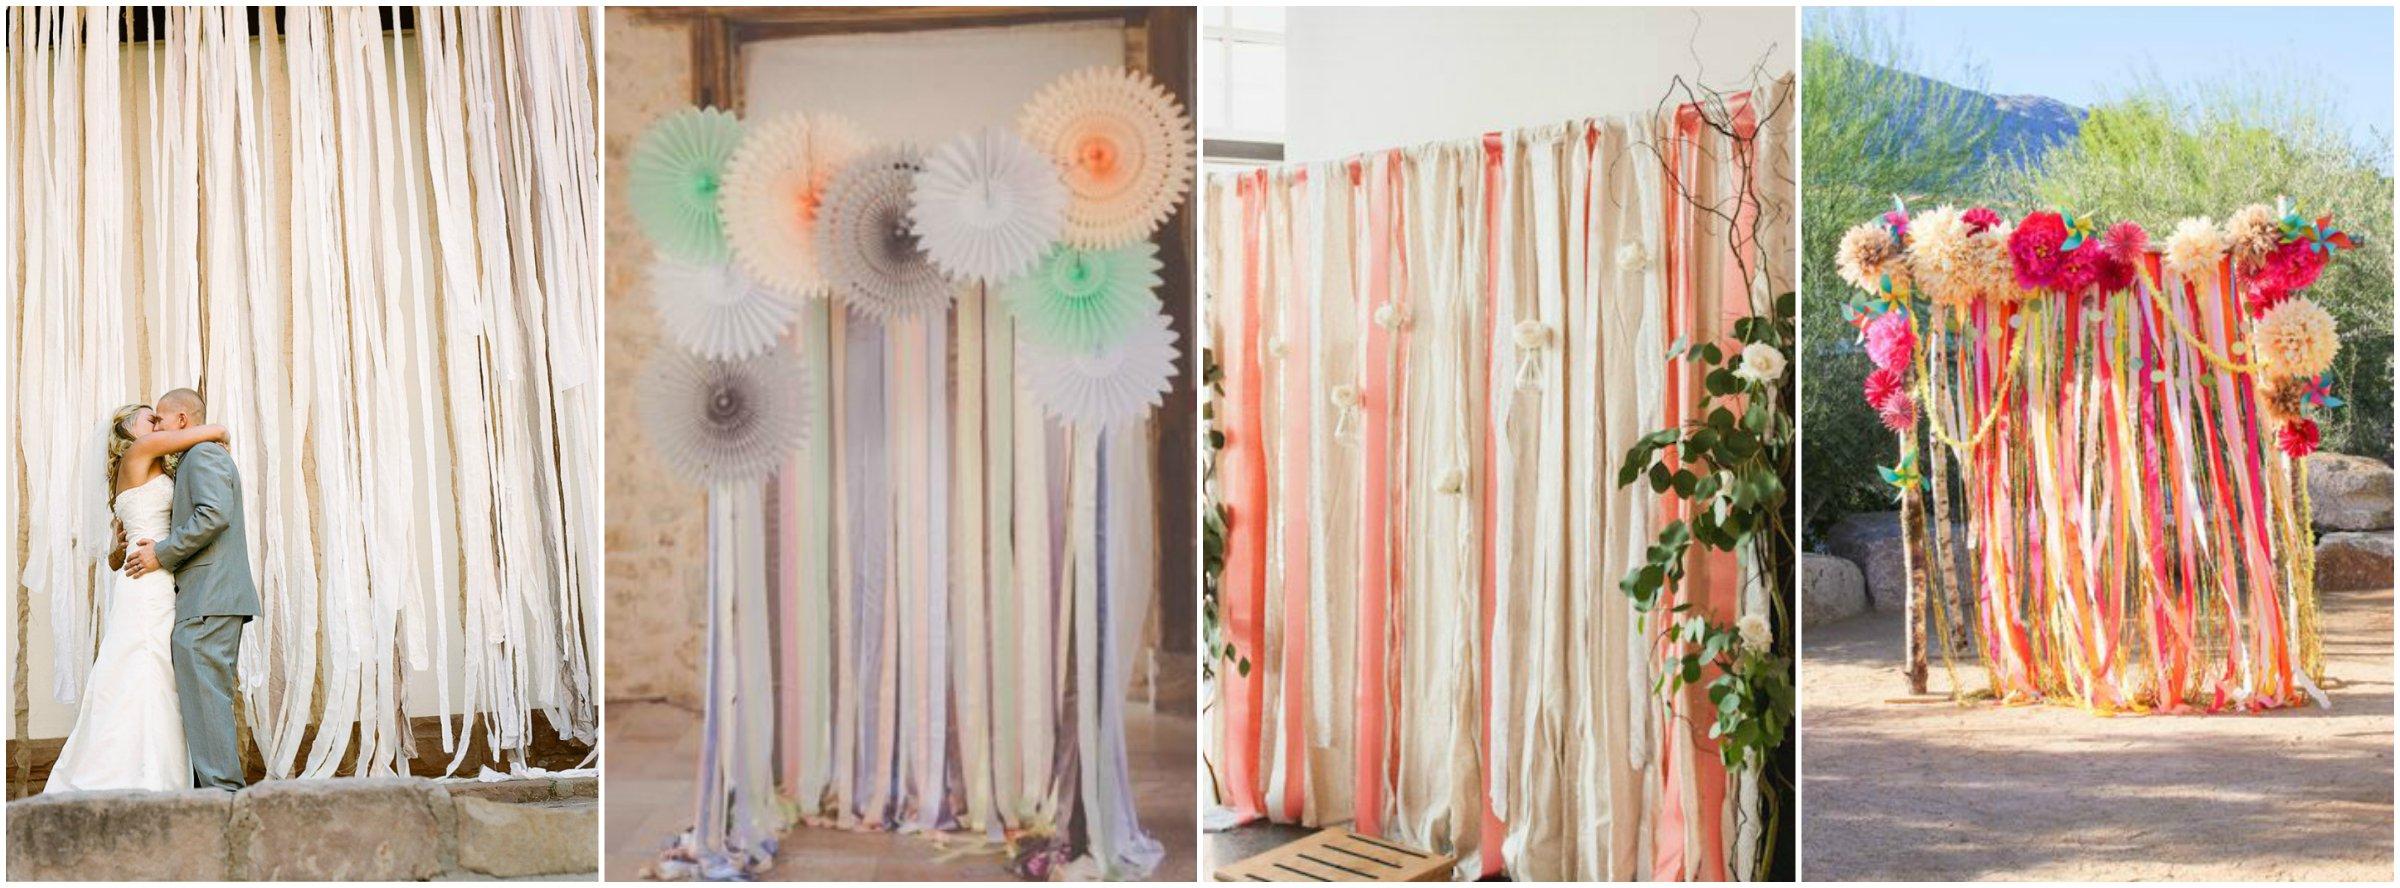 un d cor de photobooth diy pour votre mariage ou votre f te le blog de modern confetti. Black Bedroom Furniture Sets. Home Design Ideas